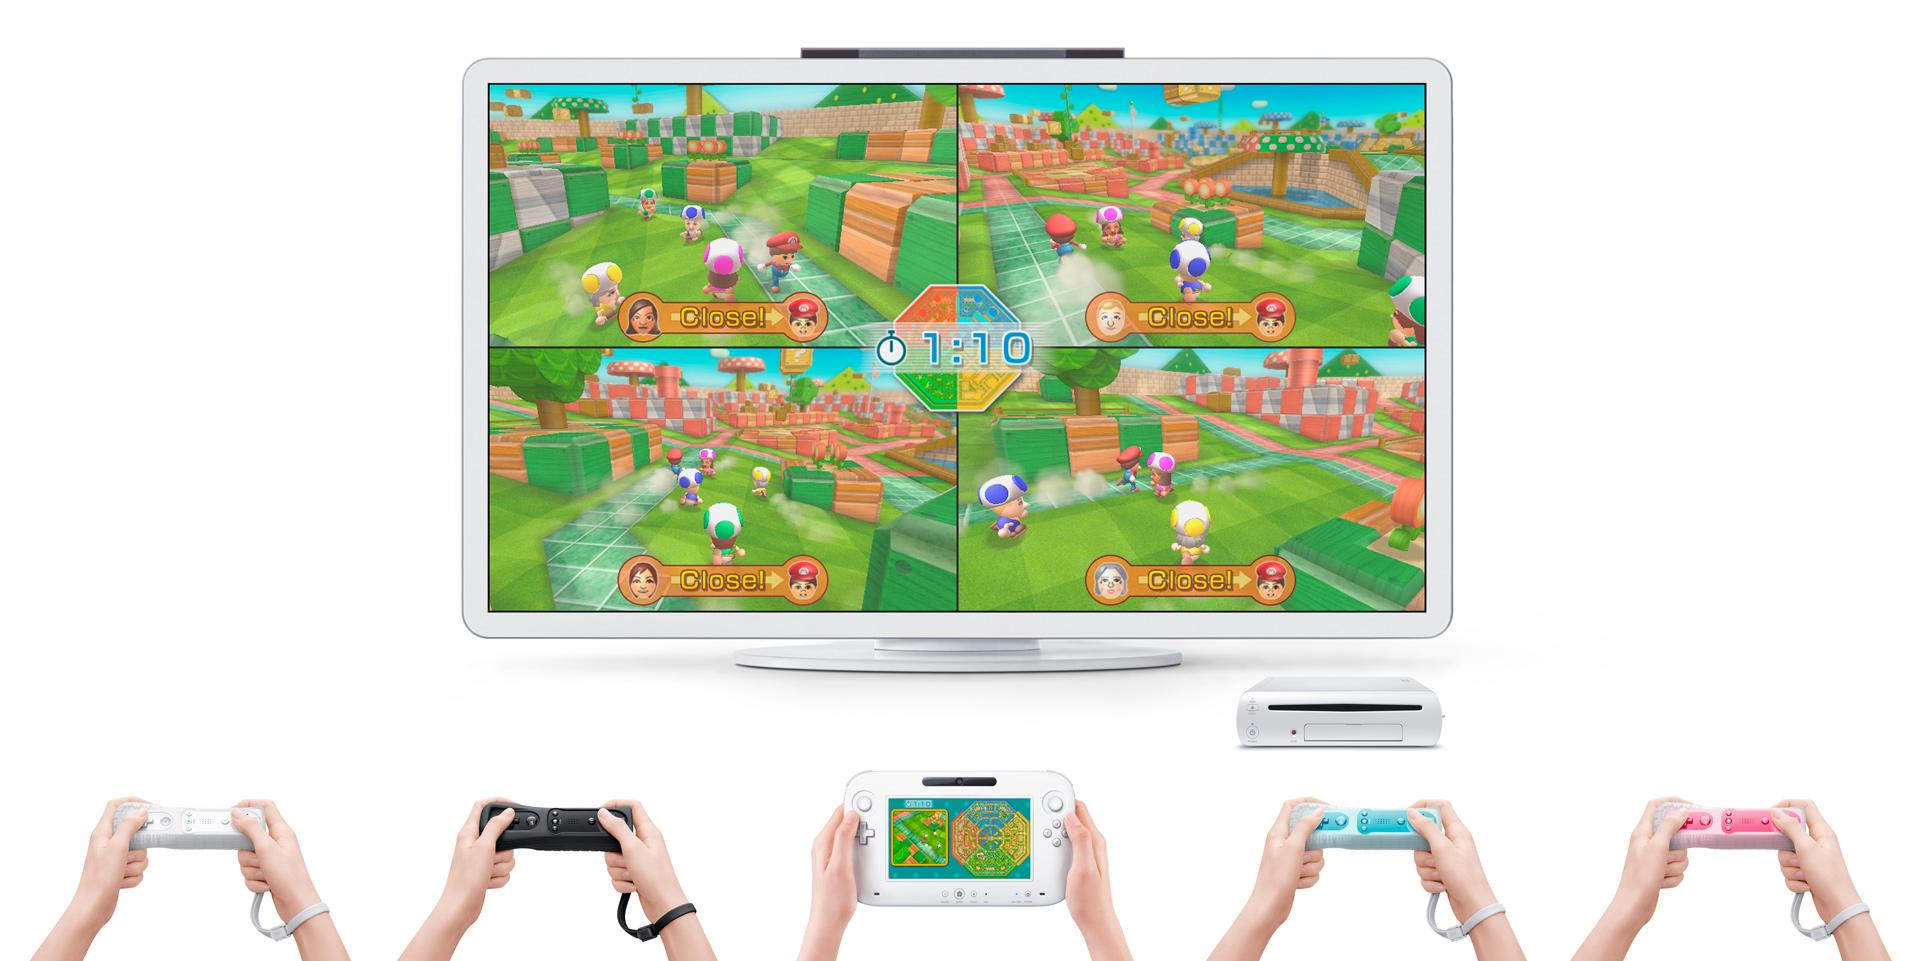 Wii Tag, Wii U Tag